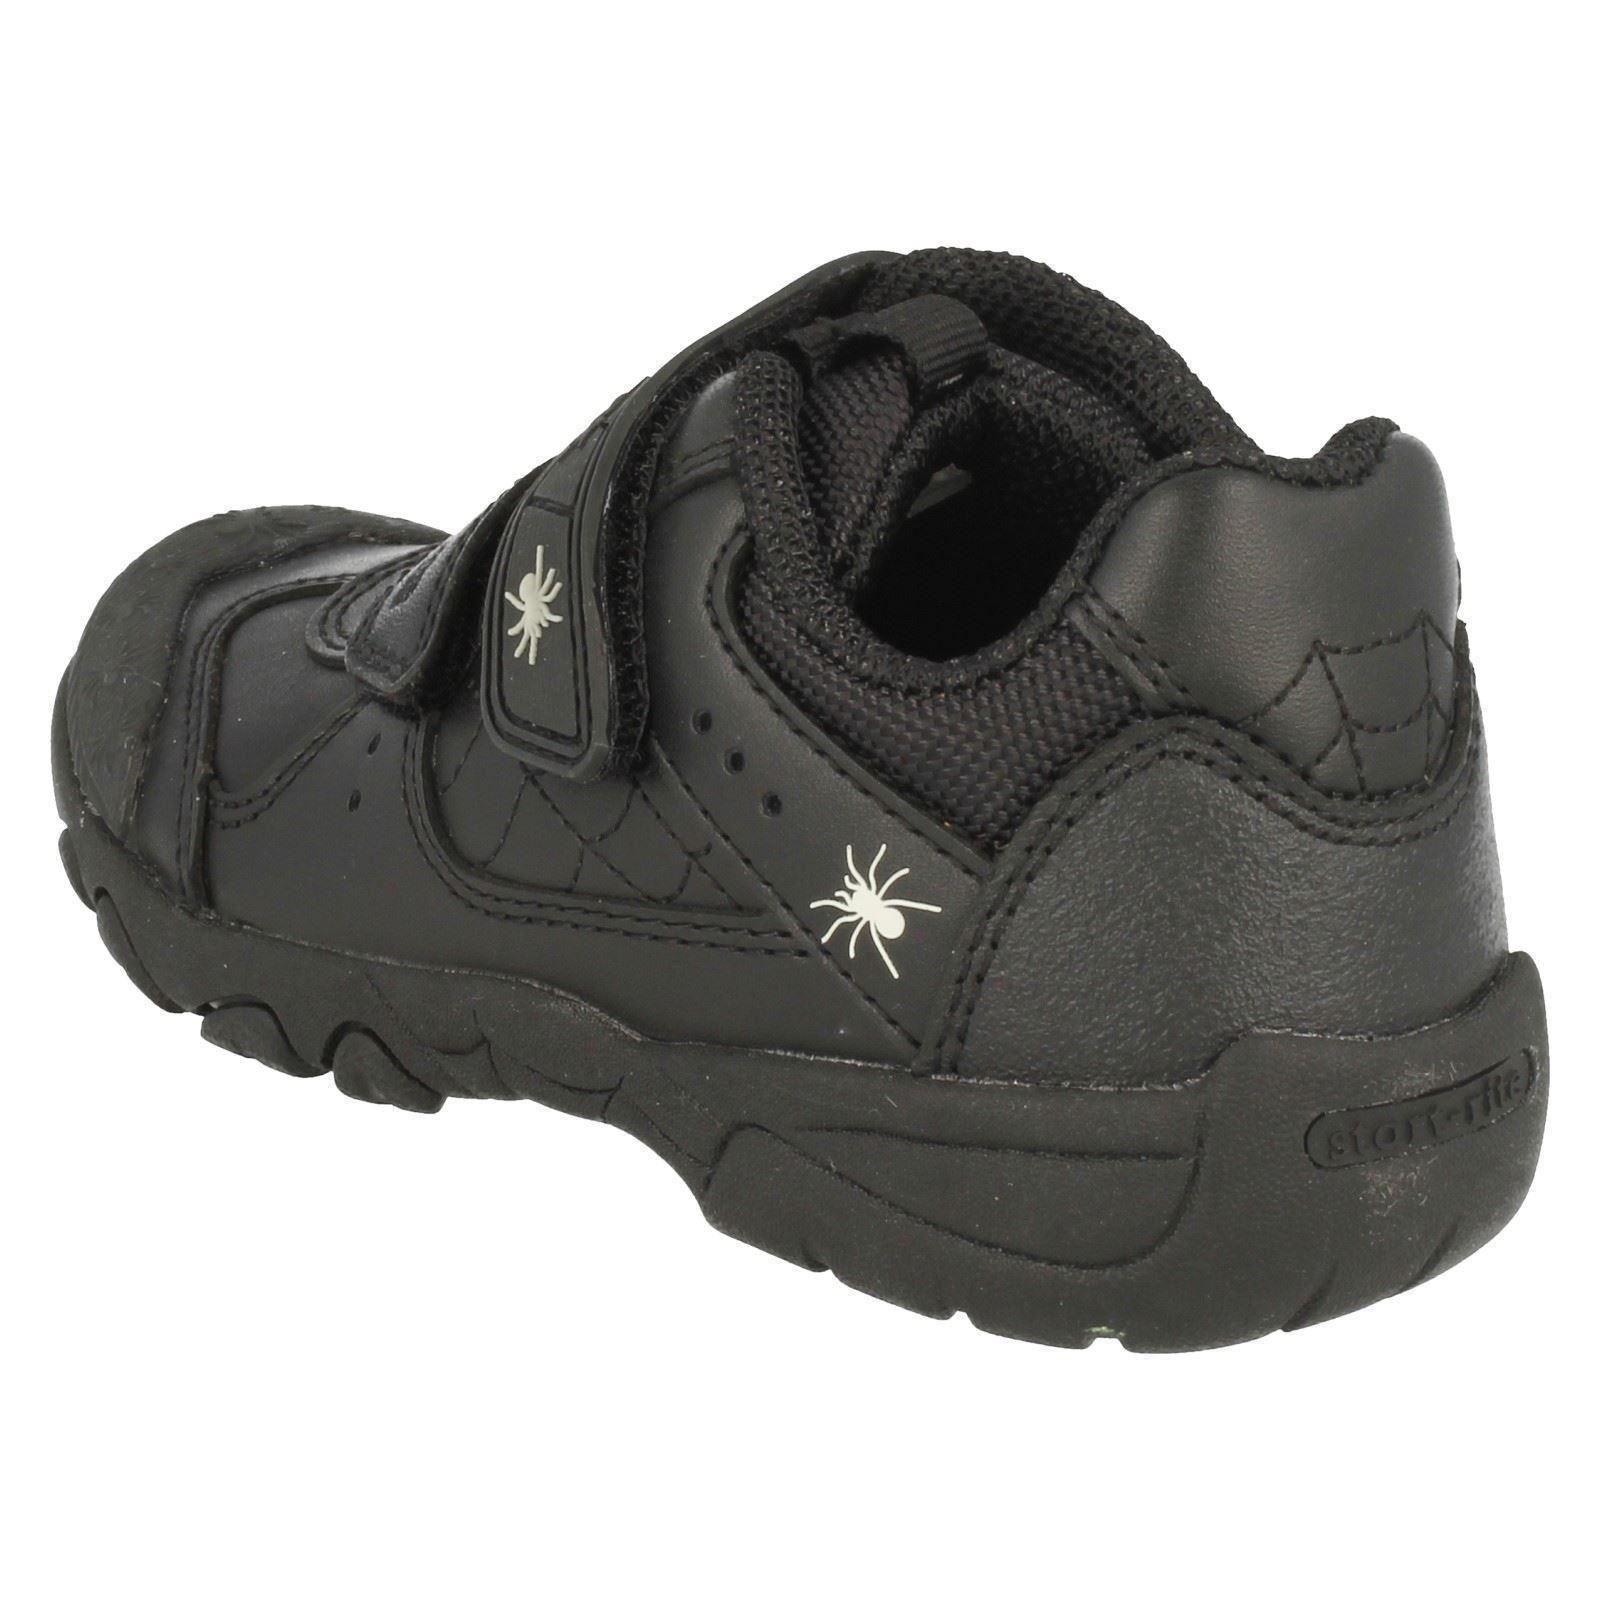 e nero strappo 'tarantula' chiusura da in bambino scuola gancio pelle a Startrite Scarpe da con 06BUxC8